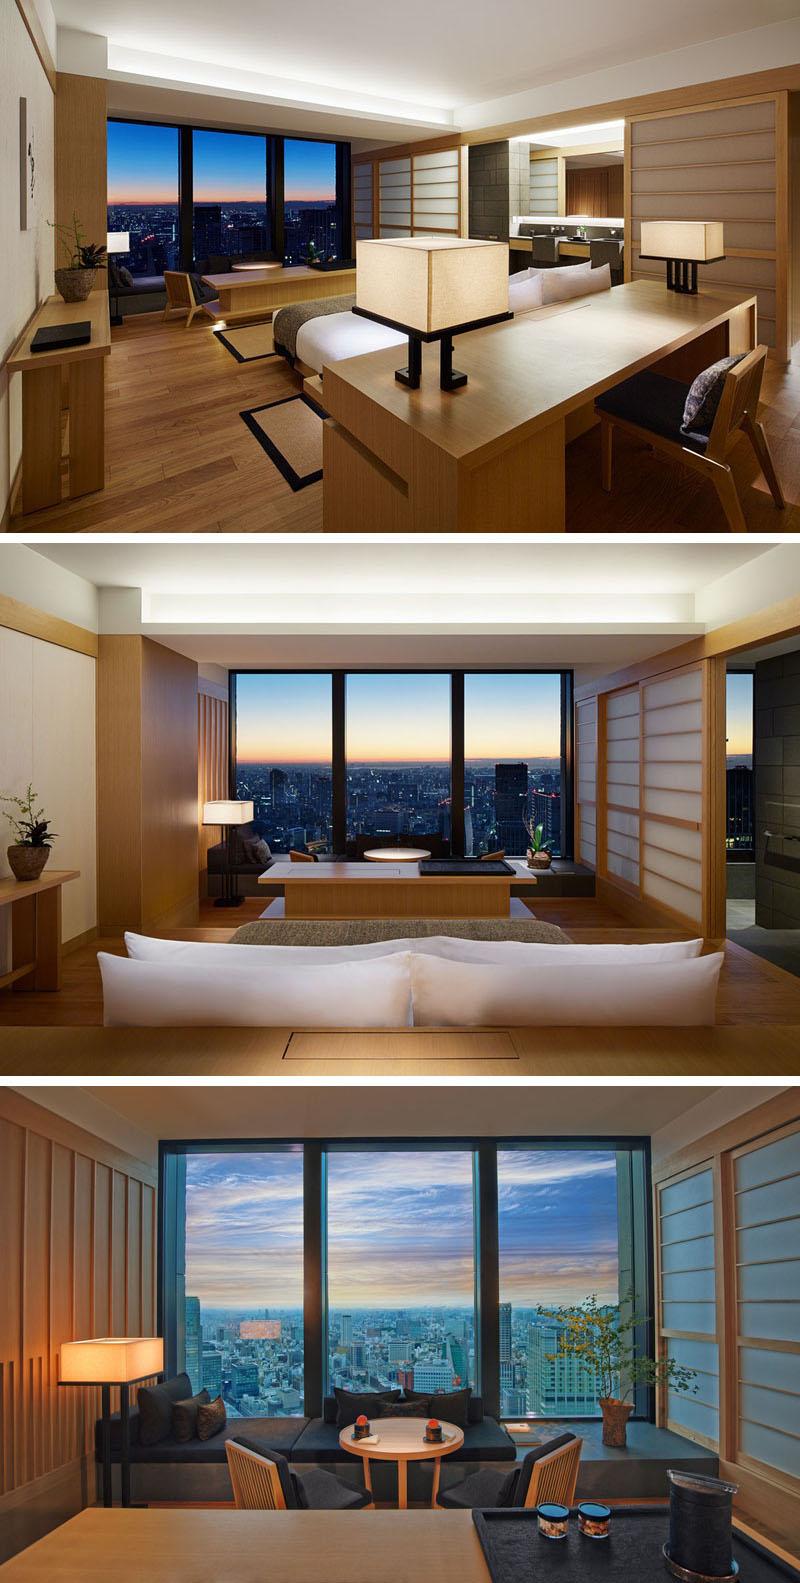 2-decoração-contemporanea-com-elementos-da-cultura-japonesa